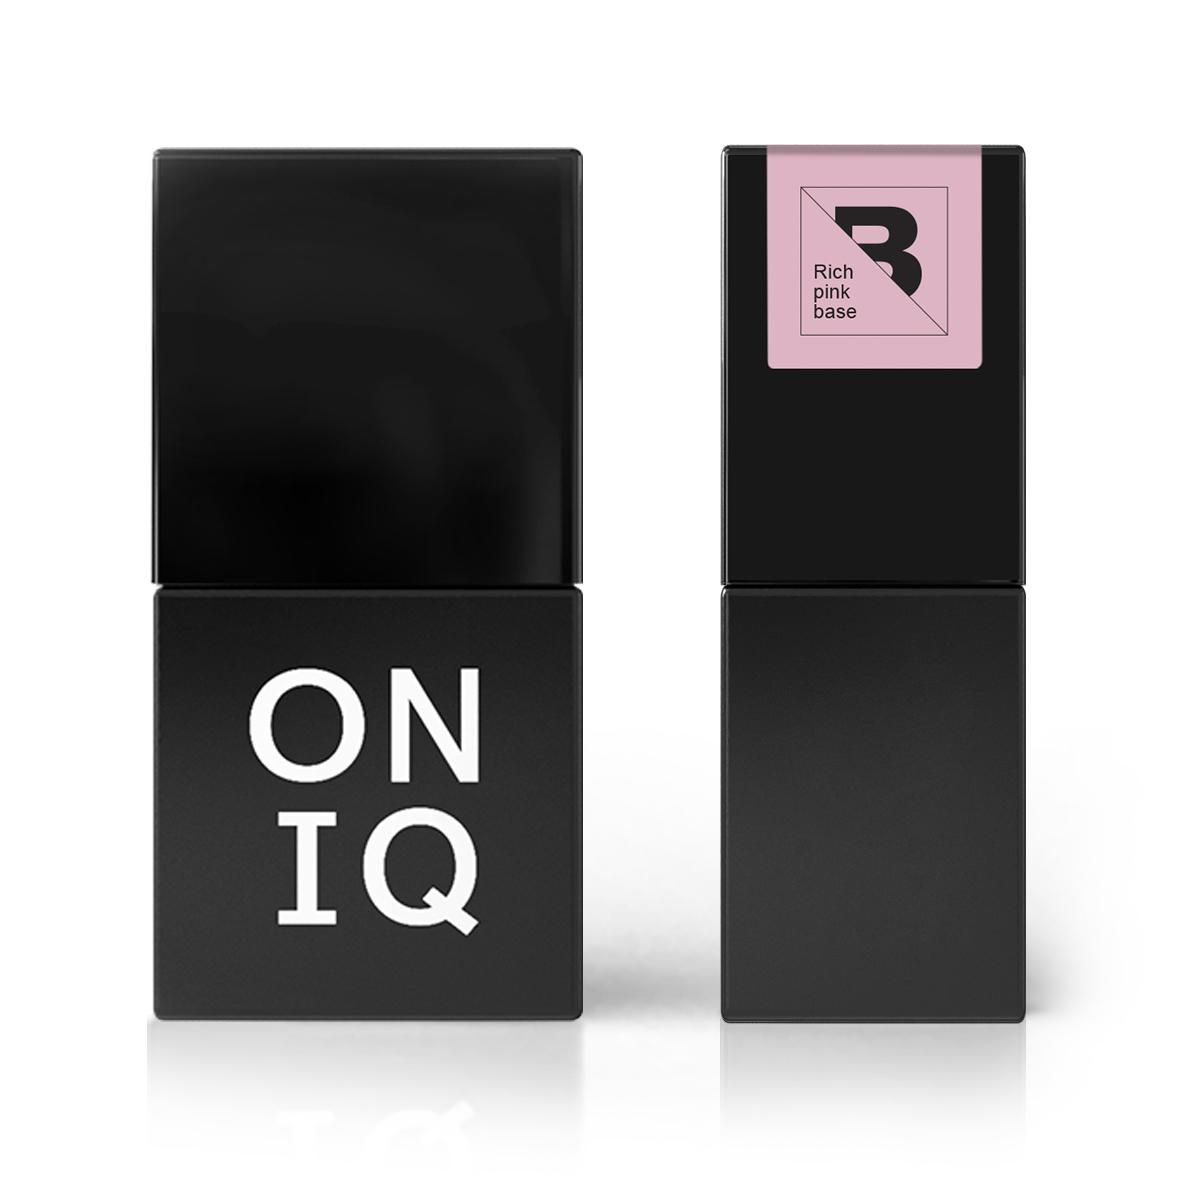 ONIQ Покрытие базовое, насыщенно-розовое полупрозрачное / Rich pink base 10 мл -  Базовые покрытия